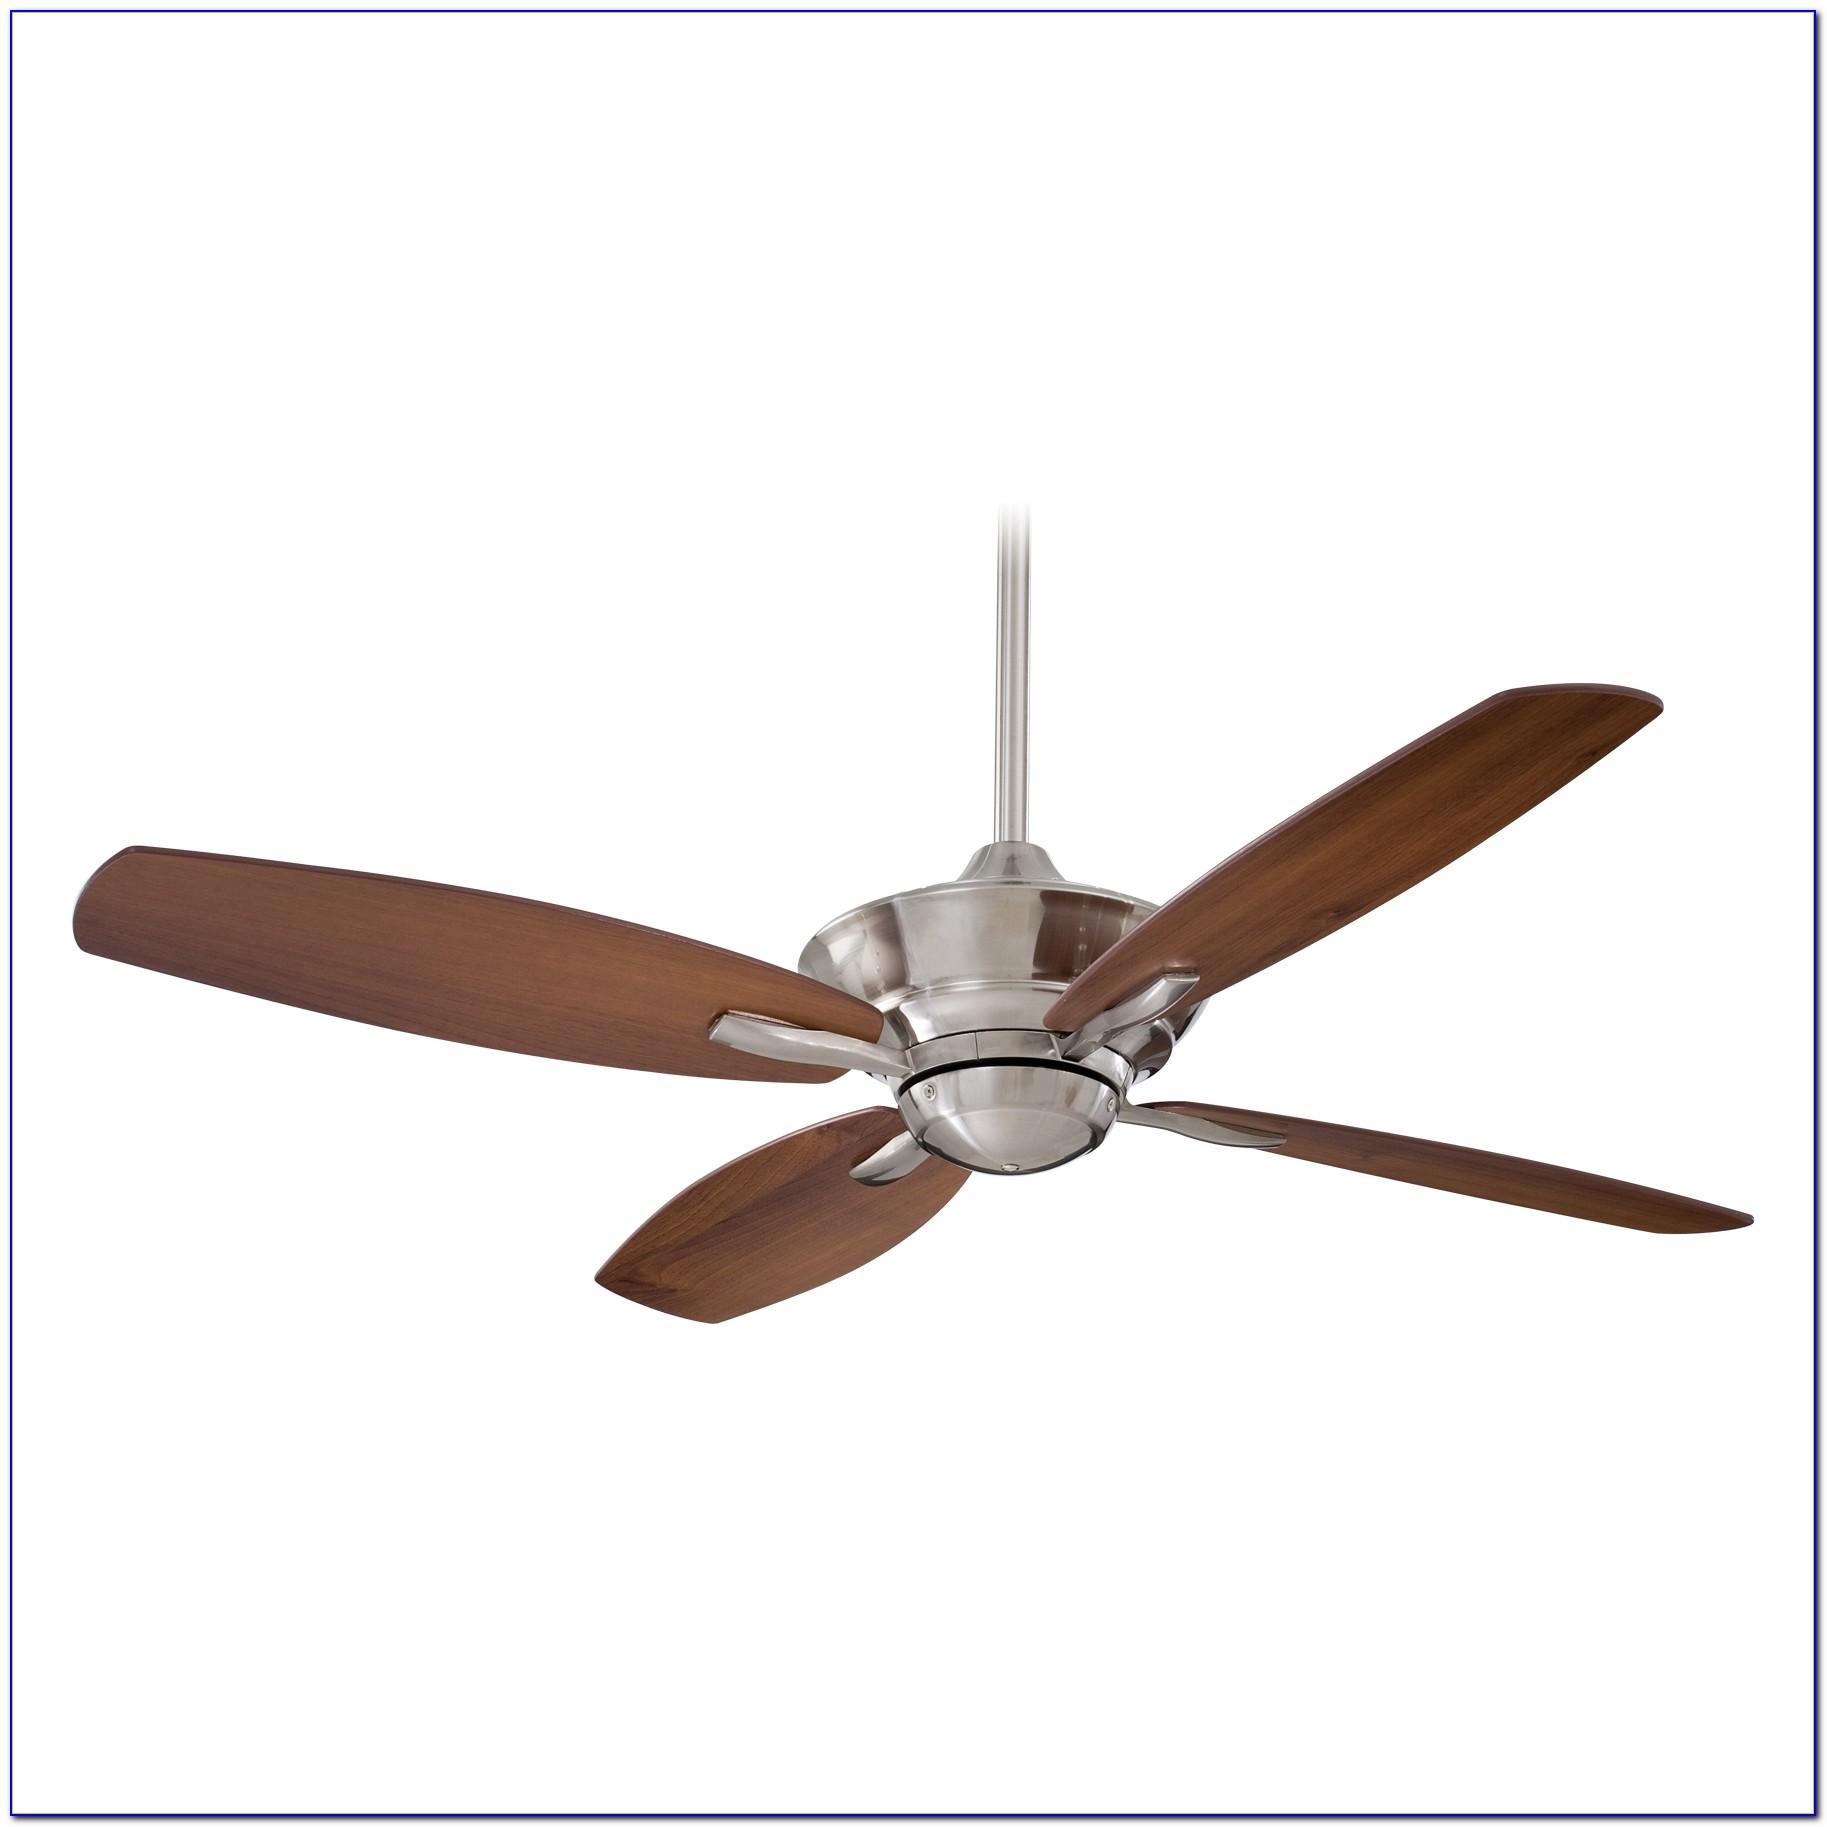 Minka Aire Ceiling Fan Manual